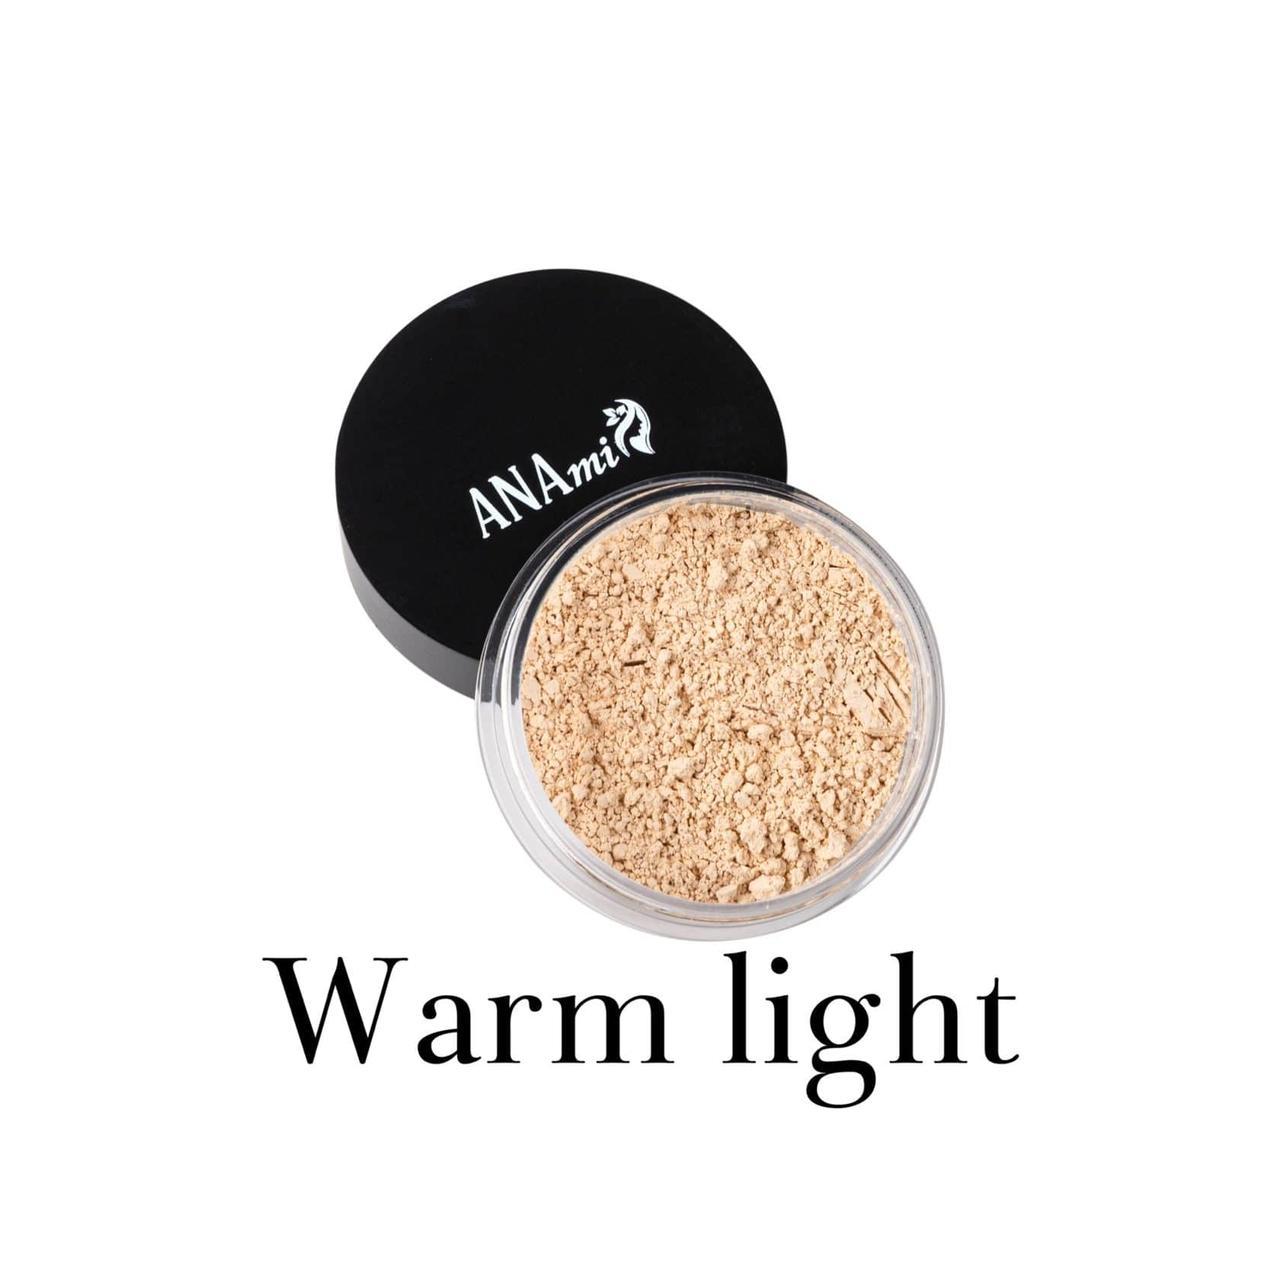 Минеральная пудра Anami. Warm light